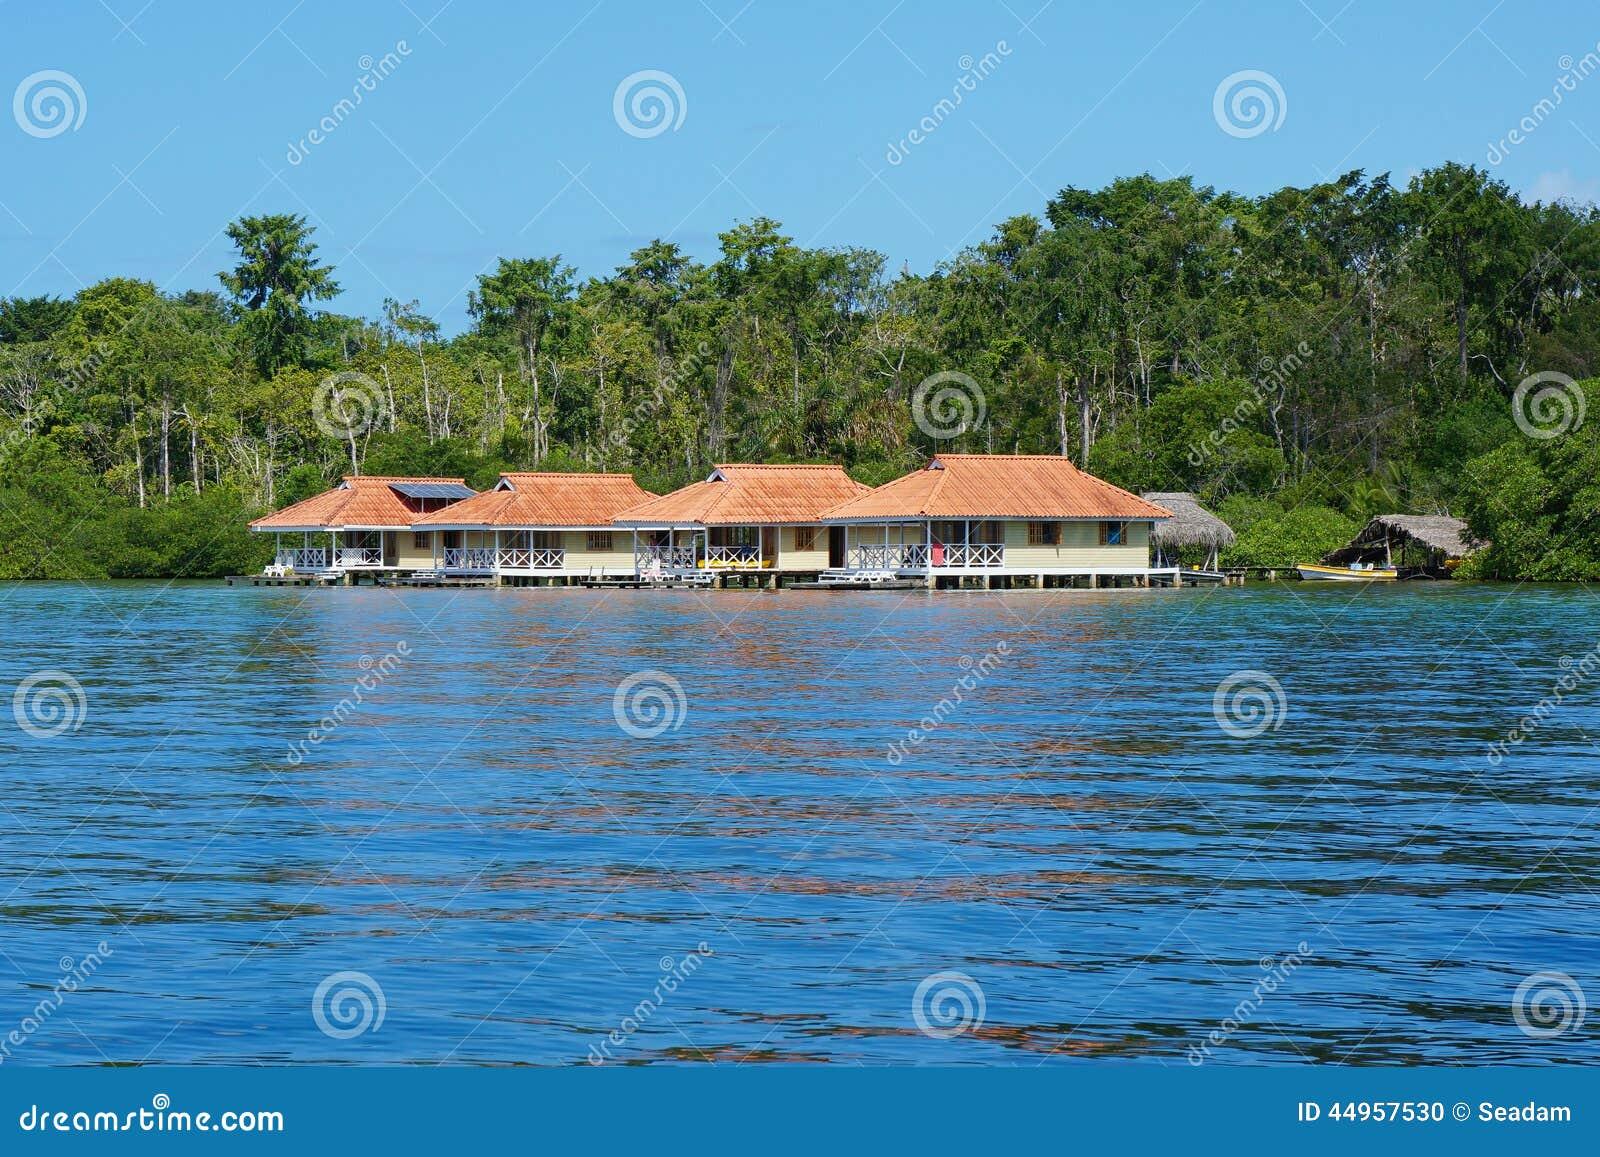 Karaiby Wakacje Domy Nad Wodą W Panama Zdjęcie Stock - Obraz: 44957530